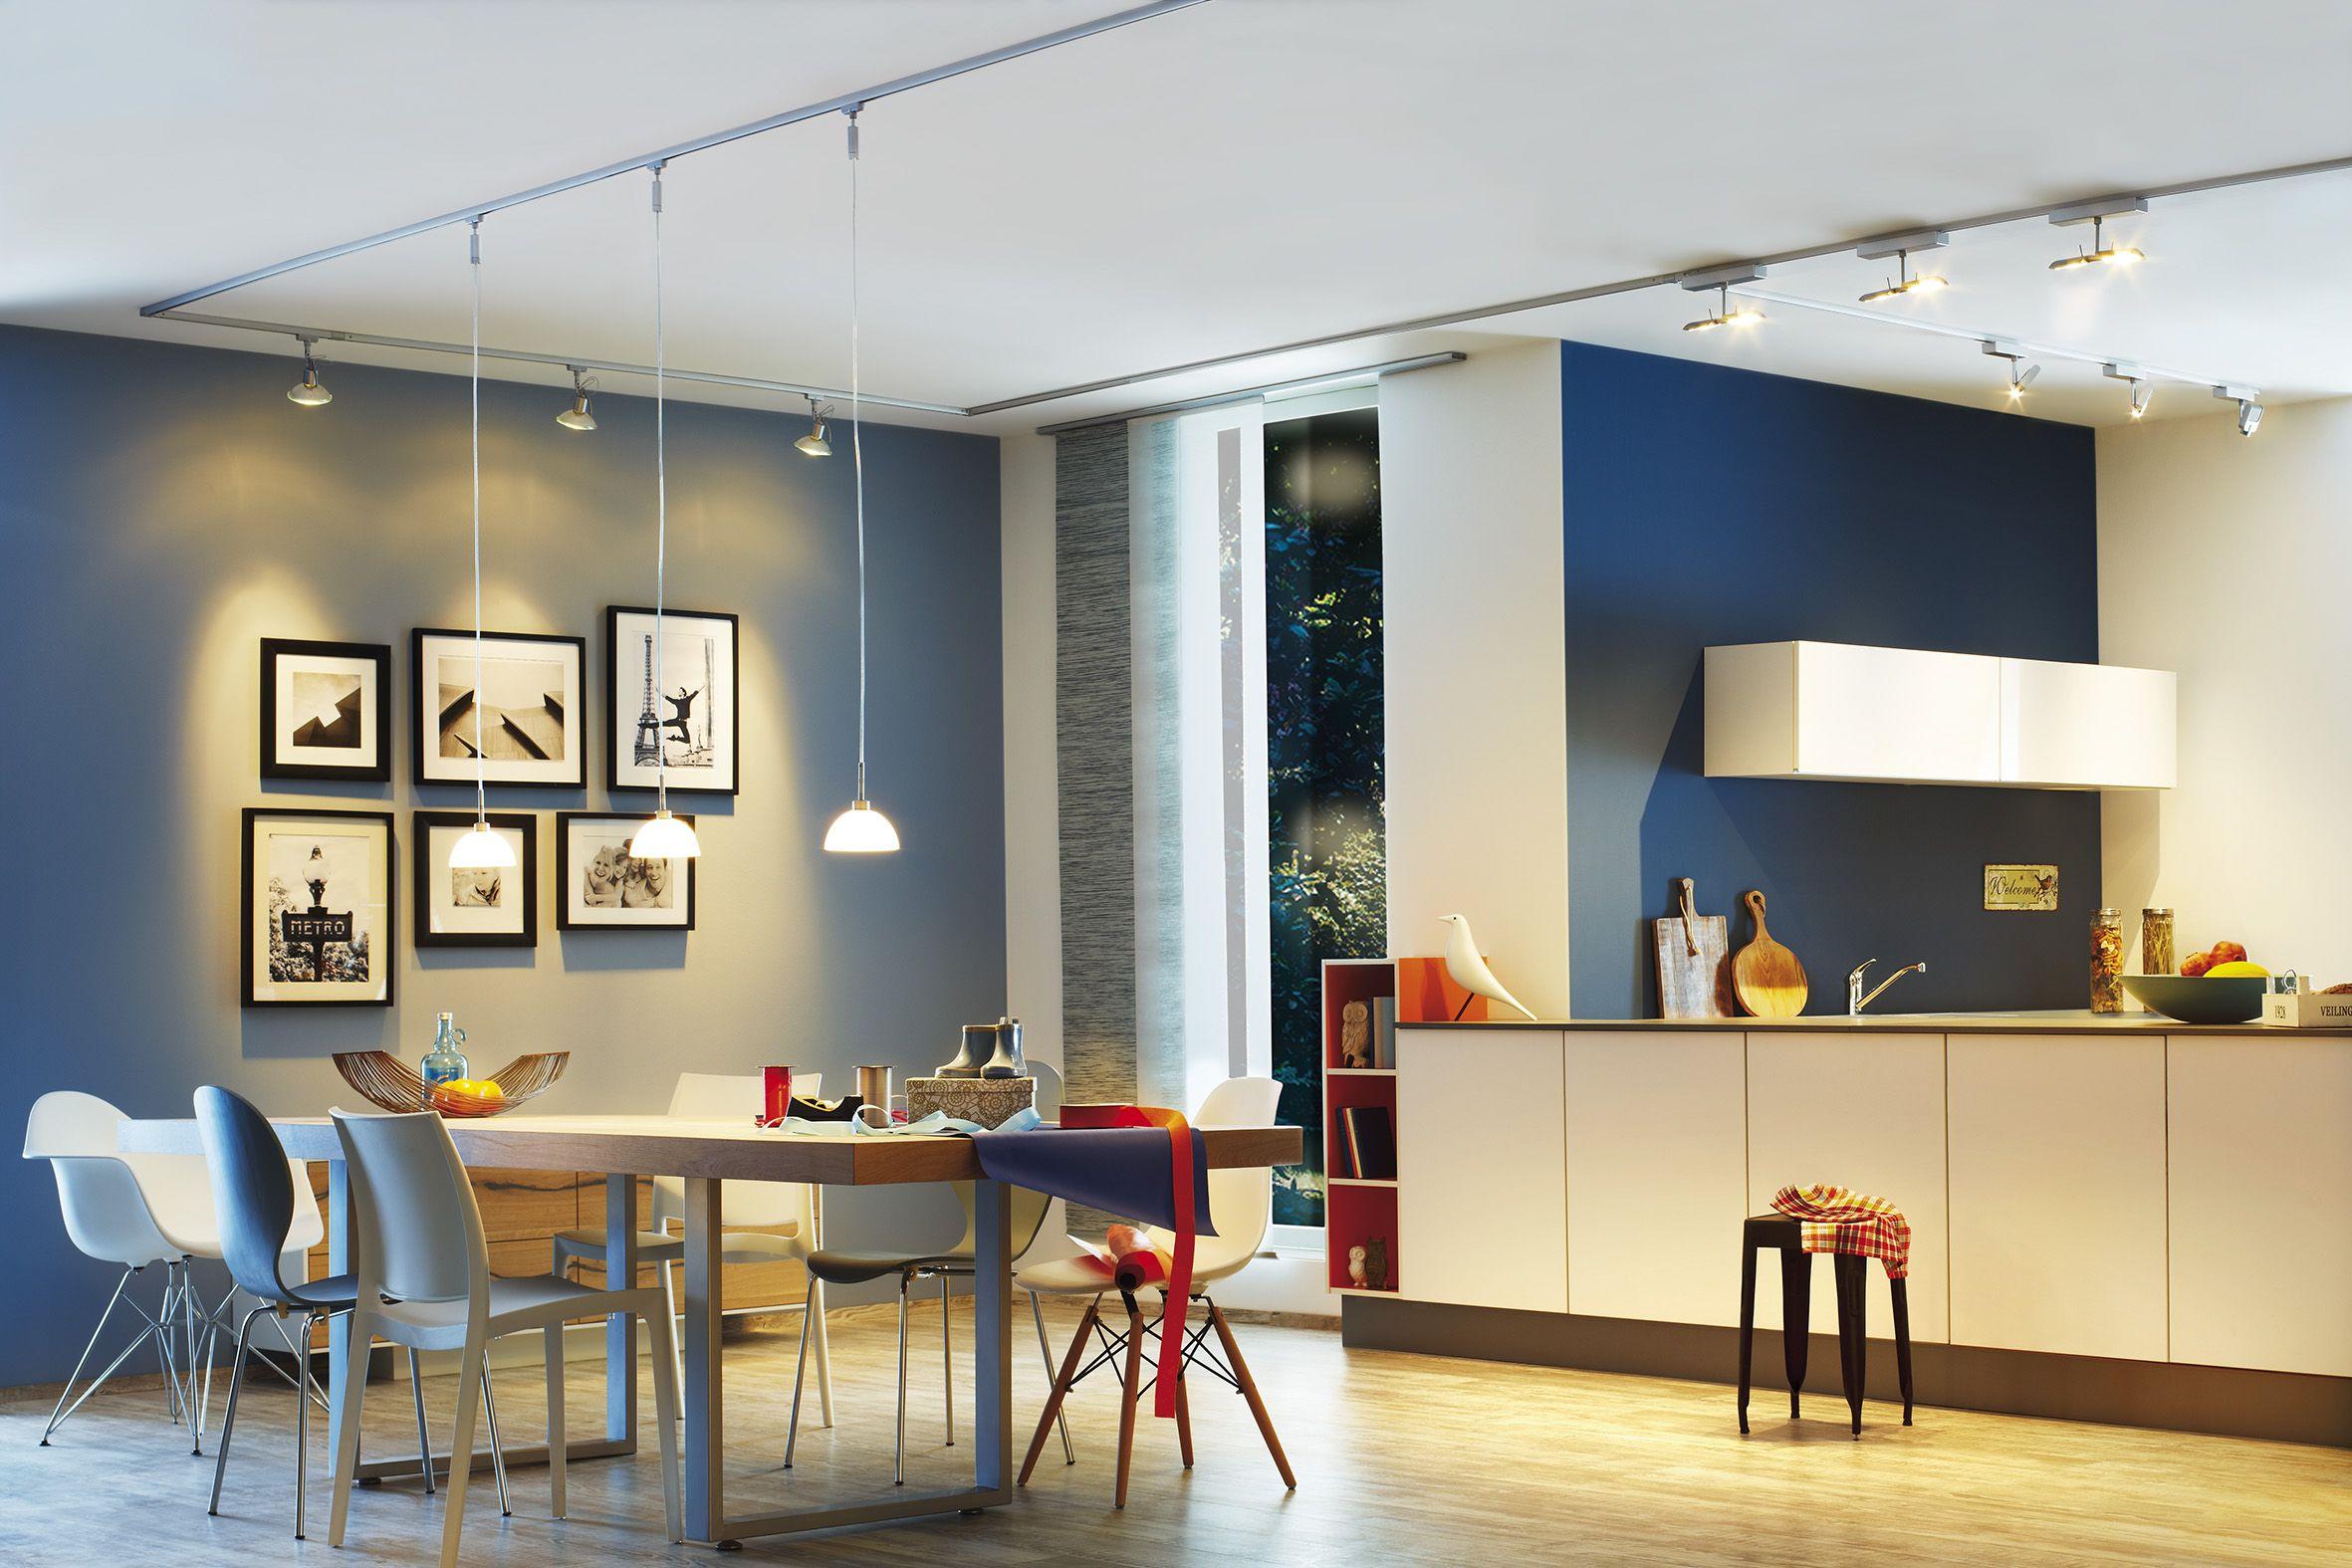 Bildergebnis für beleuchtung küche ohne oberschränke | Küche ...